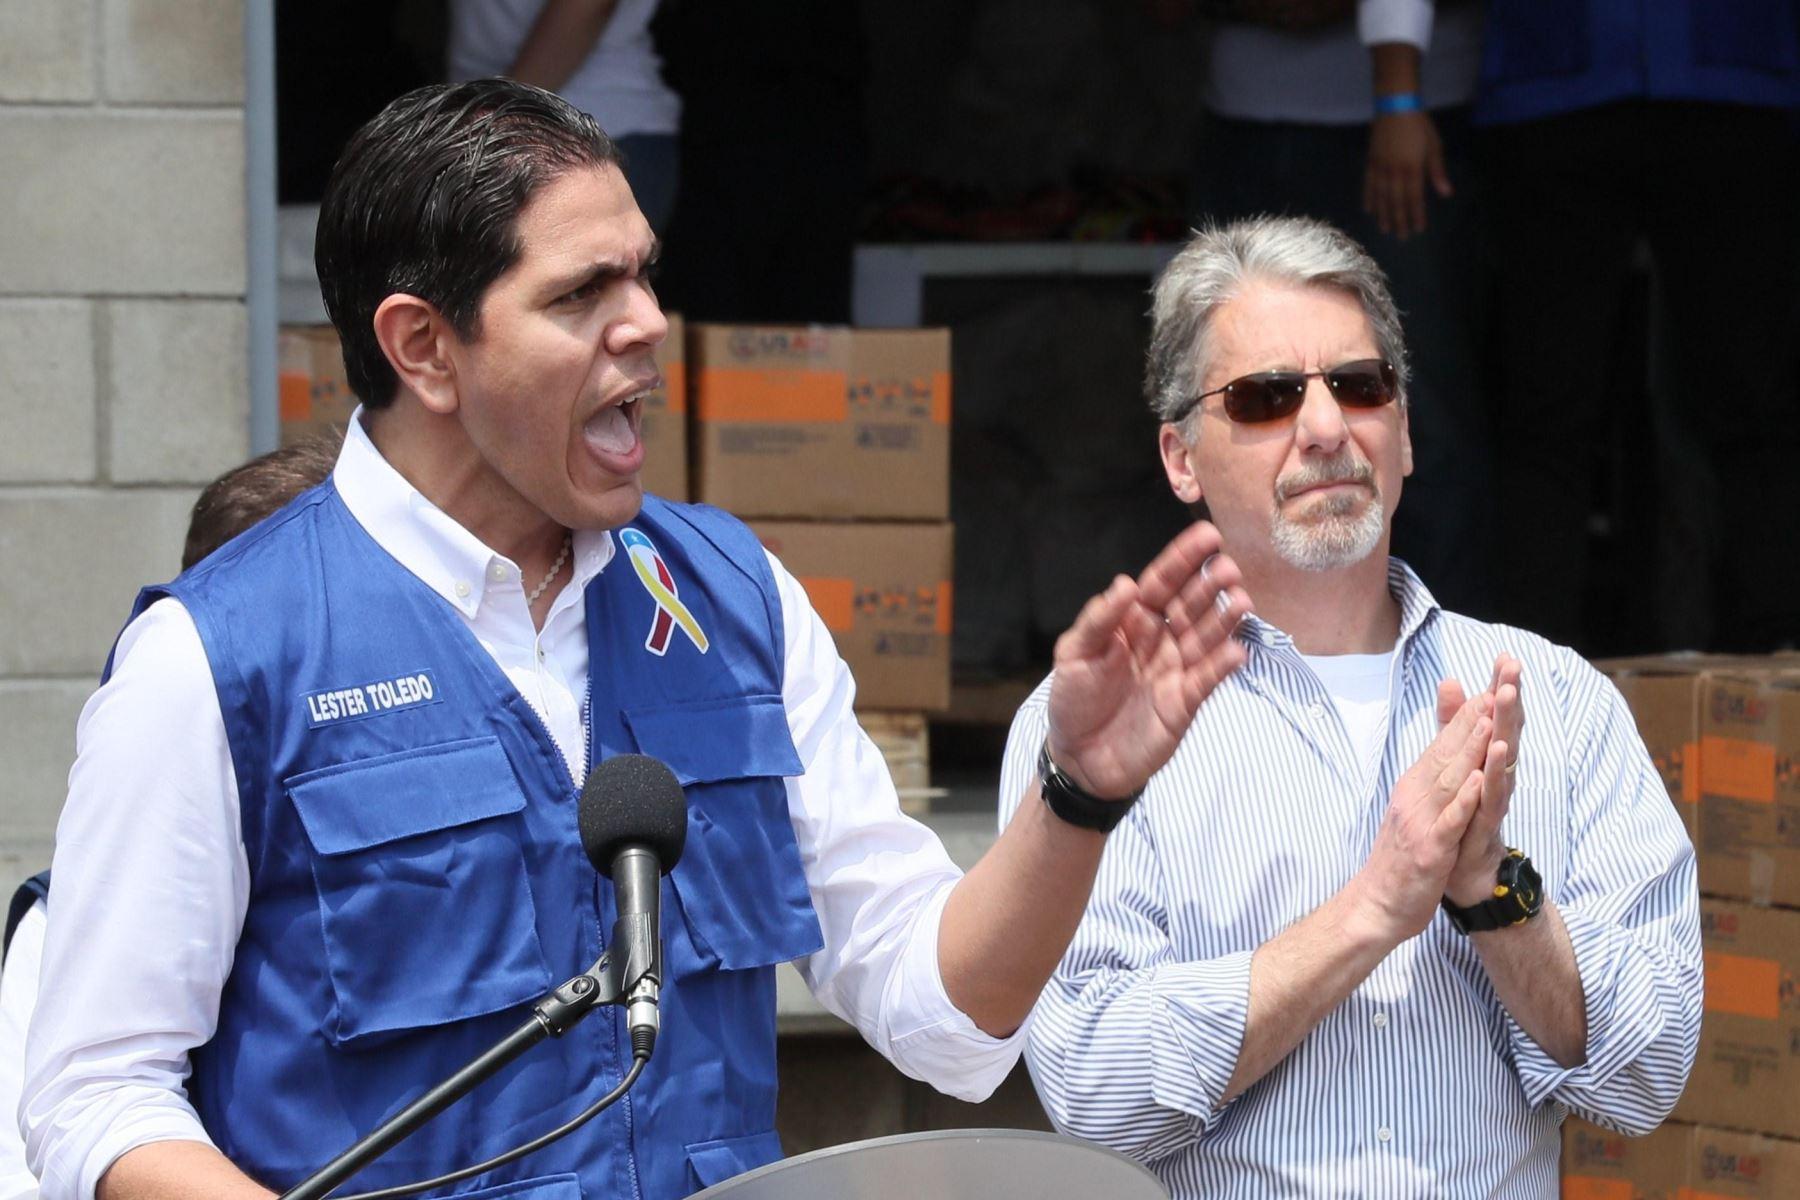 Lester Toledo, representante de la delegación venezolana dispuesta por el jefe del Parlamento, Juan Guaidó, quien se proclamó presidente interino de ese país, habla junto al embajador de Estados Unidos en Colombia, Kevin Whitaker. Foto: EFE.